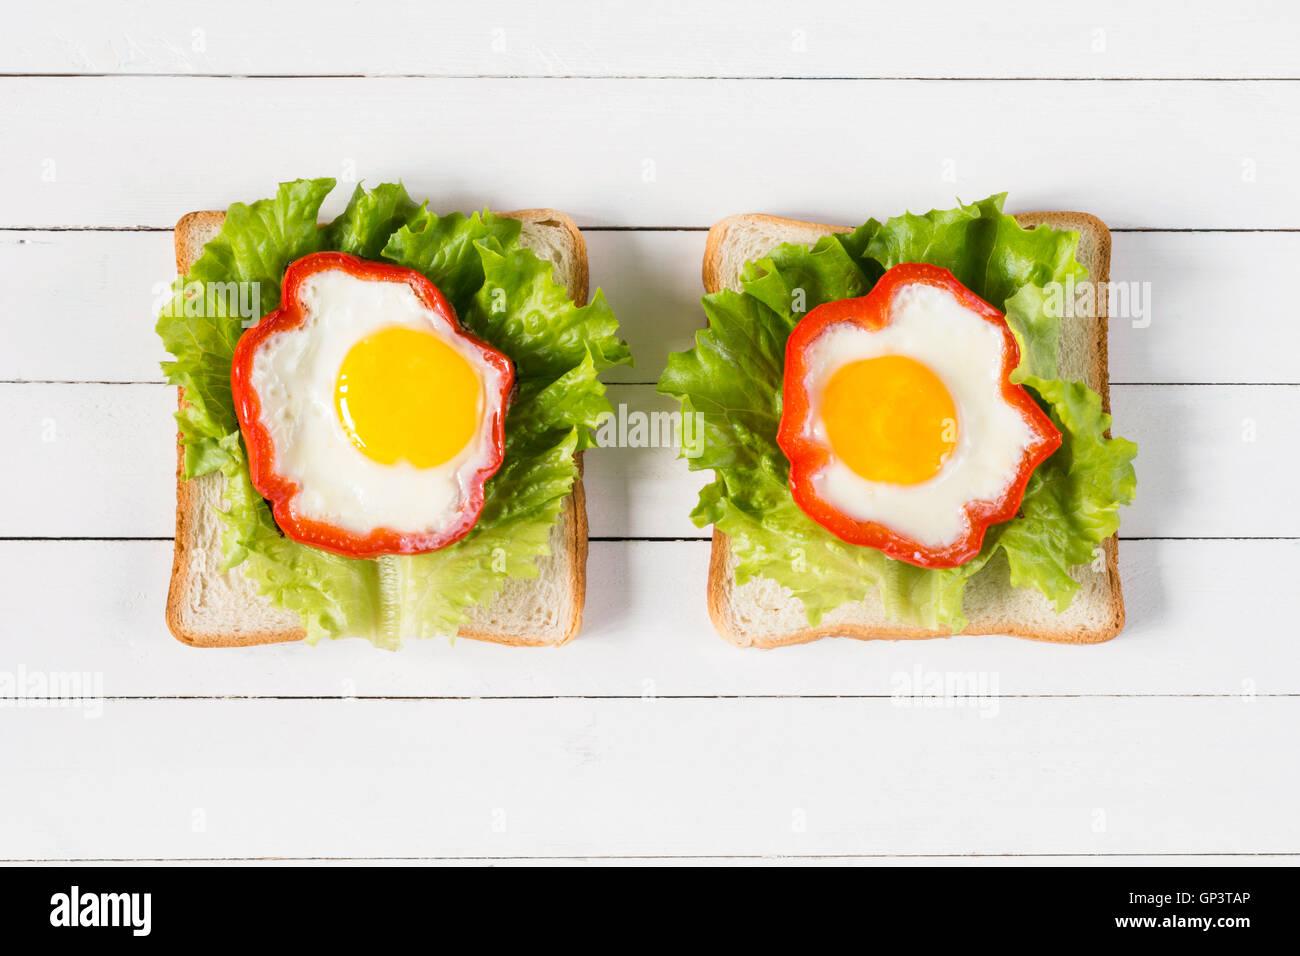 Frühstücks-Sandwich mit Ei, Käse und grünem Salat. Draufsicht auf gesunde Ernährung. Kreative Stockbild